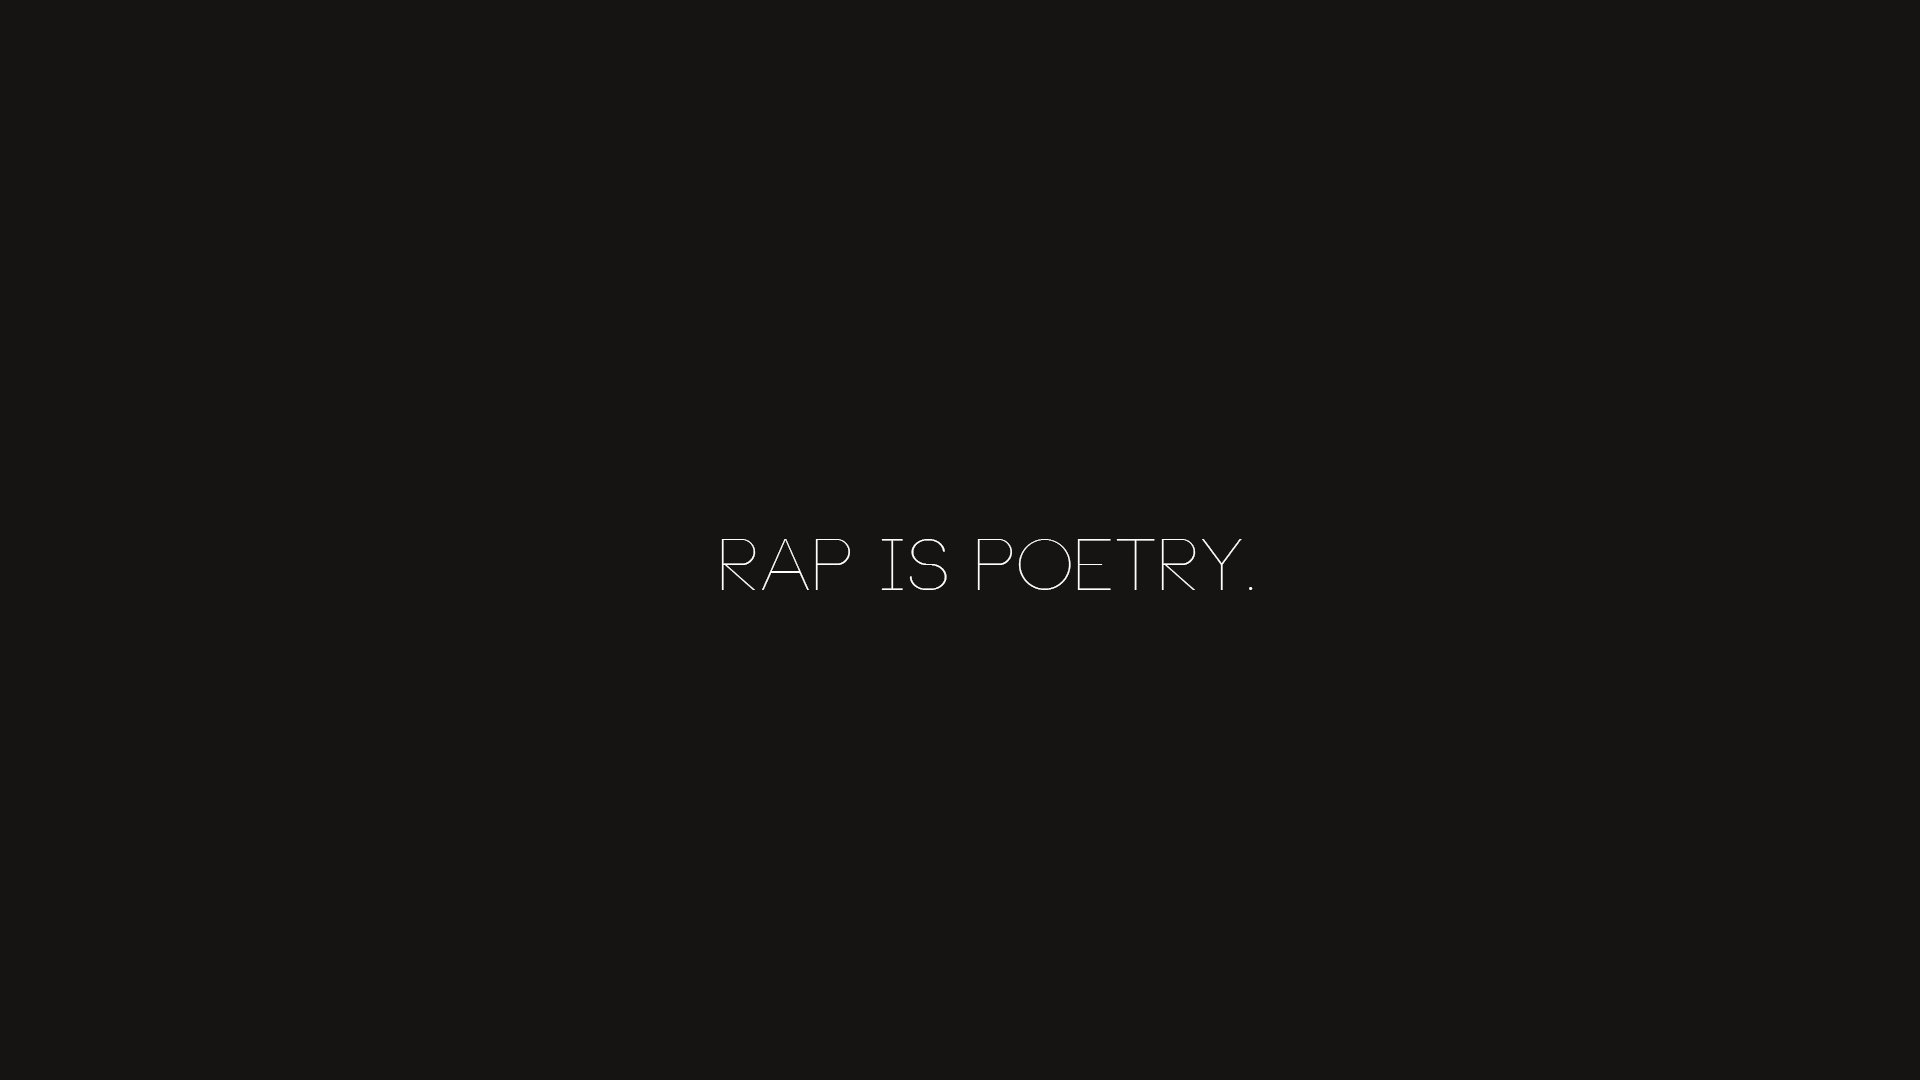 Rap is poetry by HDBeastDesigns on DeviantArt